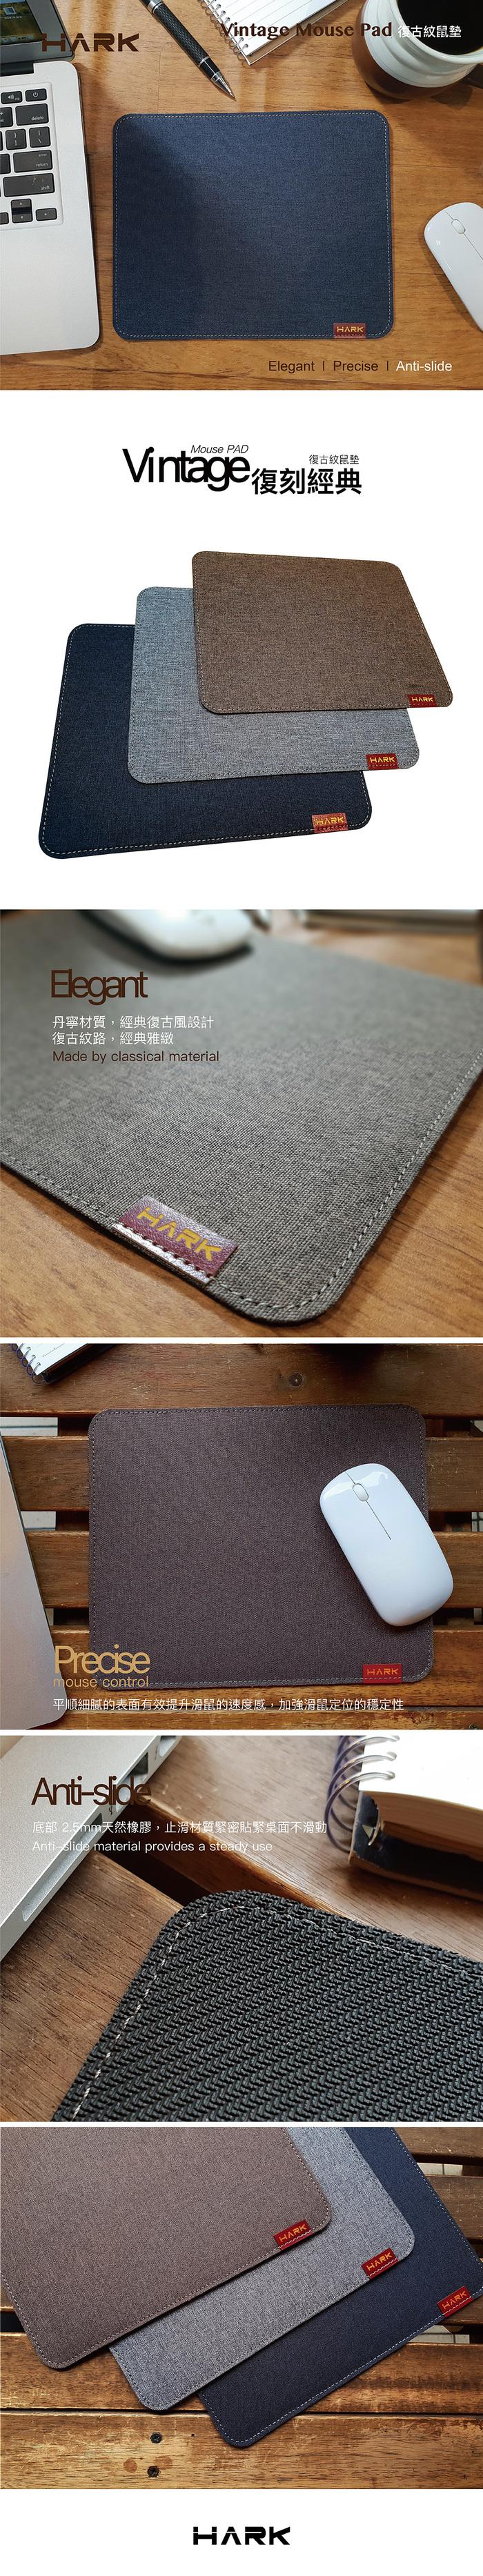 台灣設計 HARK|復古紋鼠墊 (HMP-04)